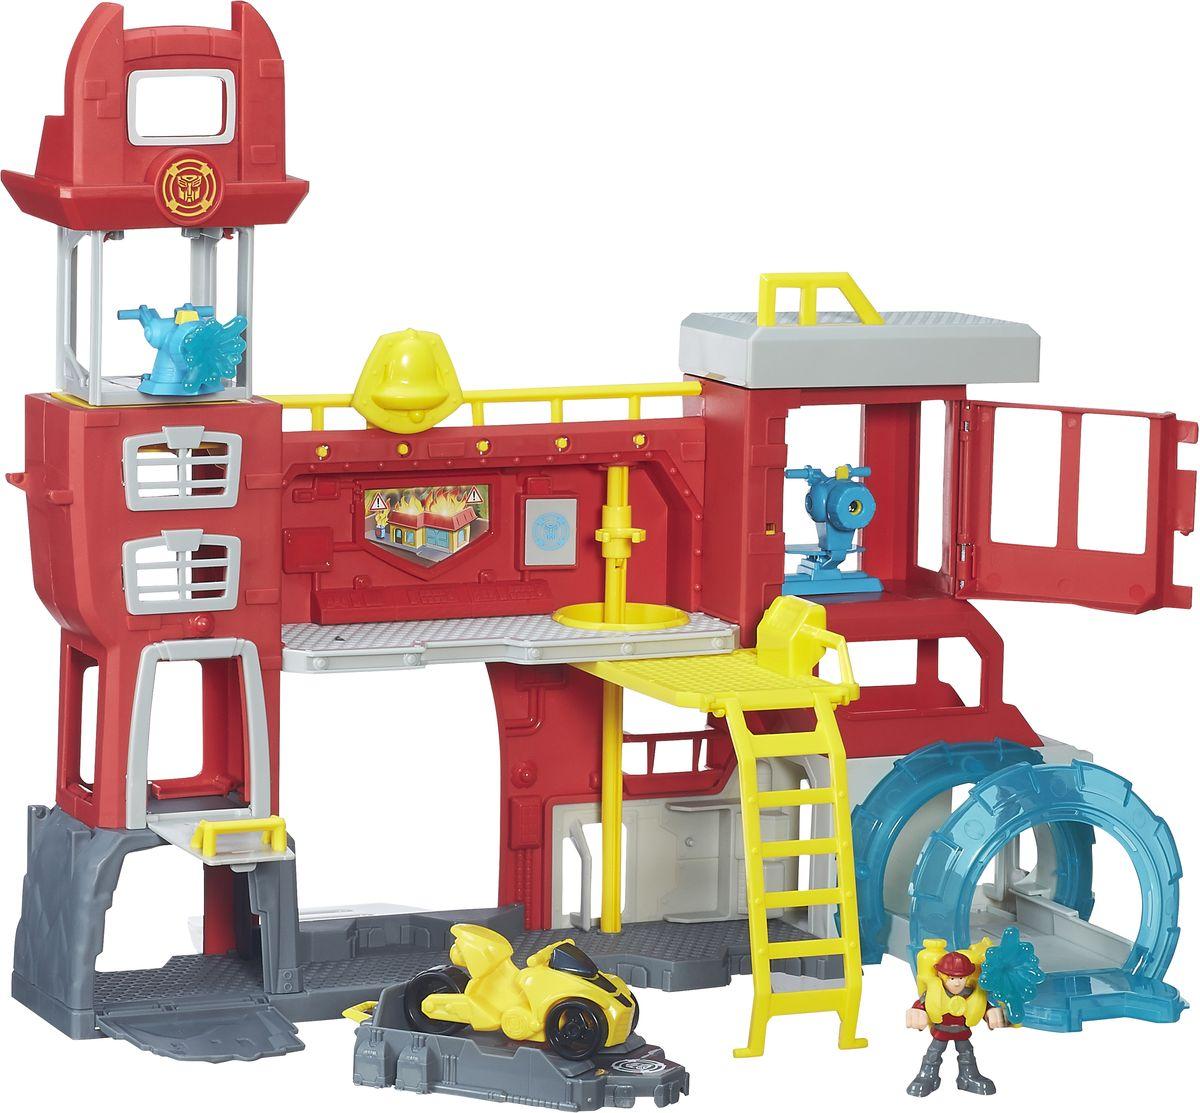 Playskool Heroes Игровой набор Штаб СпасателейB5210EU4Игровой набор Playskool Heroes Штаб Спасателей из серии Transformers Rescue Bots, несомненно, порадует каждого ребенка! Набор состоит из пожарной станции, фигурки полицейского и гоночной машинки. Спасатель может скатиться через секретную дверь и запустить огонь в действие, чтобы потушить пожар. С таким игровым набором малыш сможет разыгрывать различные сцены из любимого мультфильма или придумать свои истории. Все детали в наборе выполнены из качественного пластика, безопасного для здоровья вашего ребенка. Удивите своего малыша новым, ярким и функциональным игровым набором. Для детей от 3 до 7 лет.